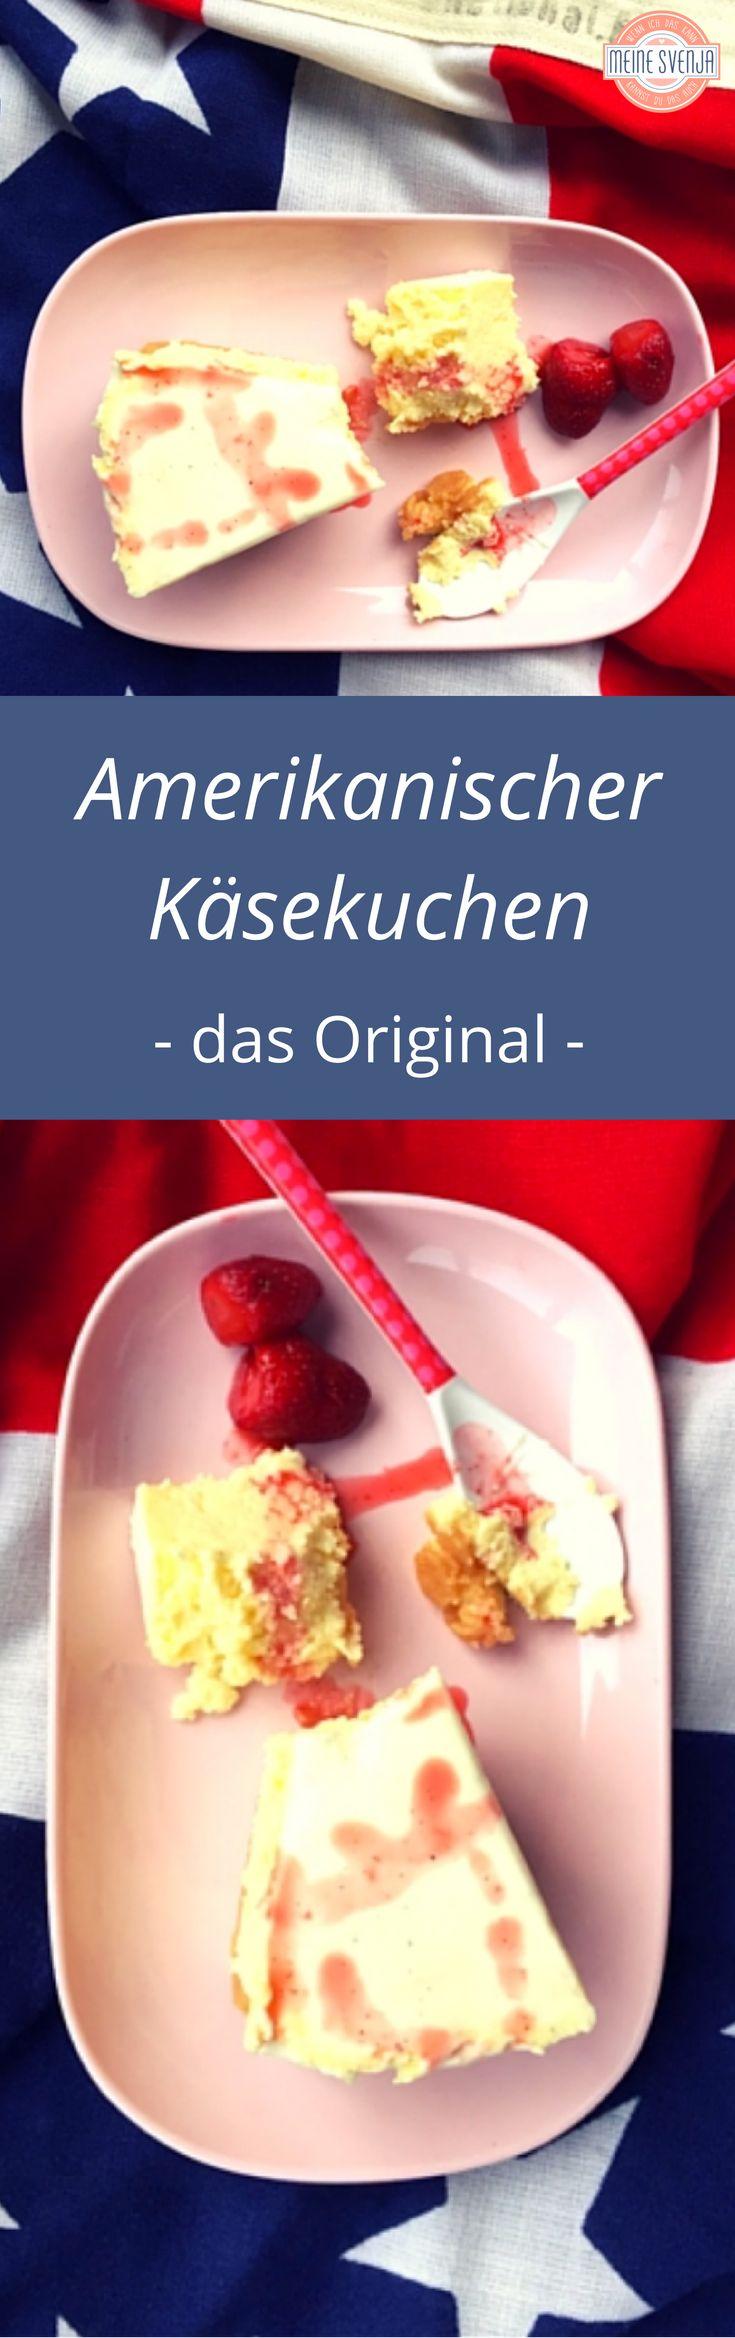 Amerikanischer Käsekuchen mit Erdbeersauce - das Original. Was für ein Genuss. Die Schritt für Schritt Rezepte mit genauer Anleitung findet ihr auf meinem Blog: http://www.meinesvenja.de/2015/11/19/original-amerikanischer-kaesekuchen/